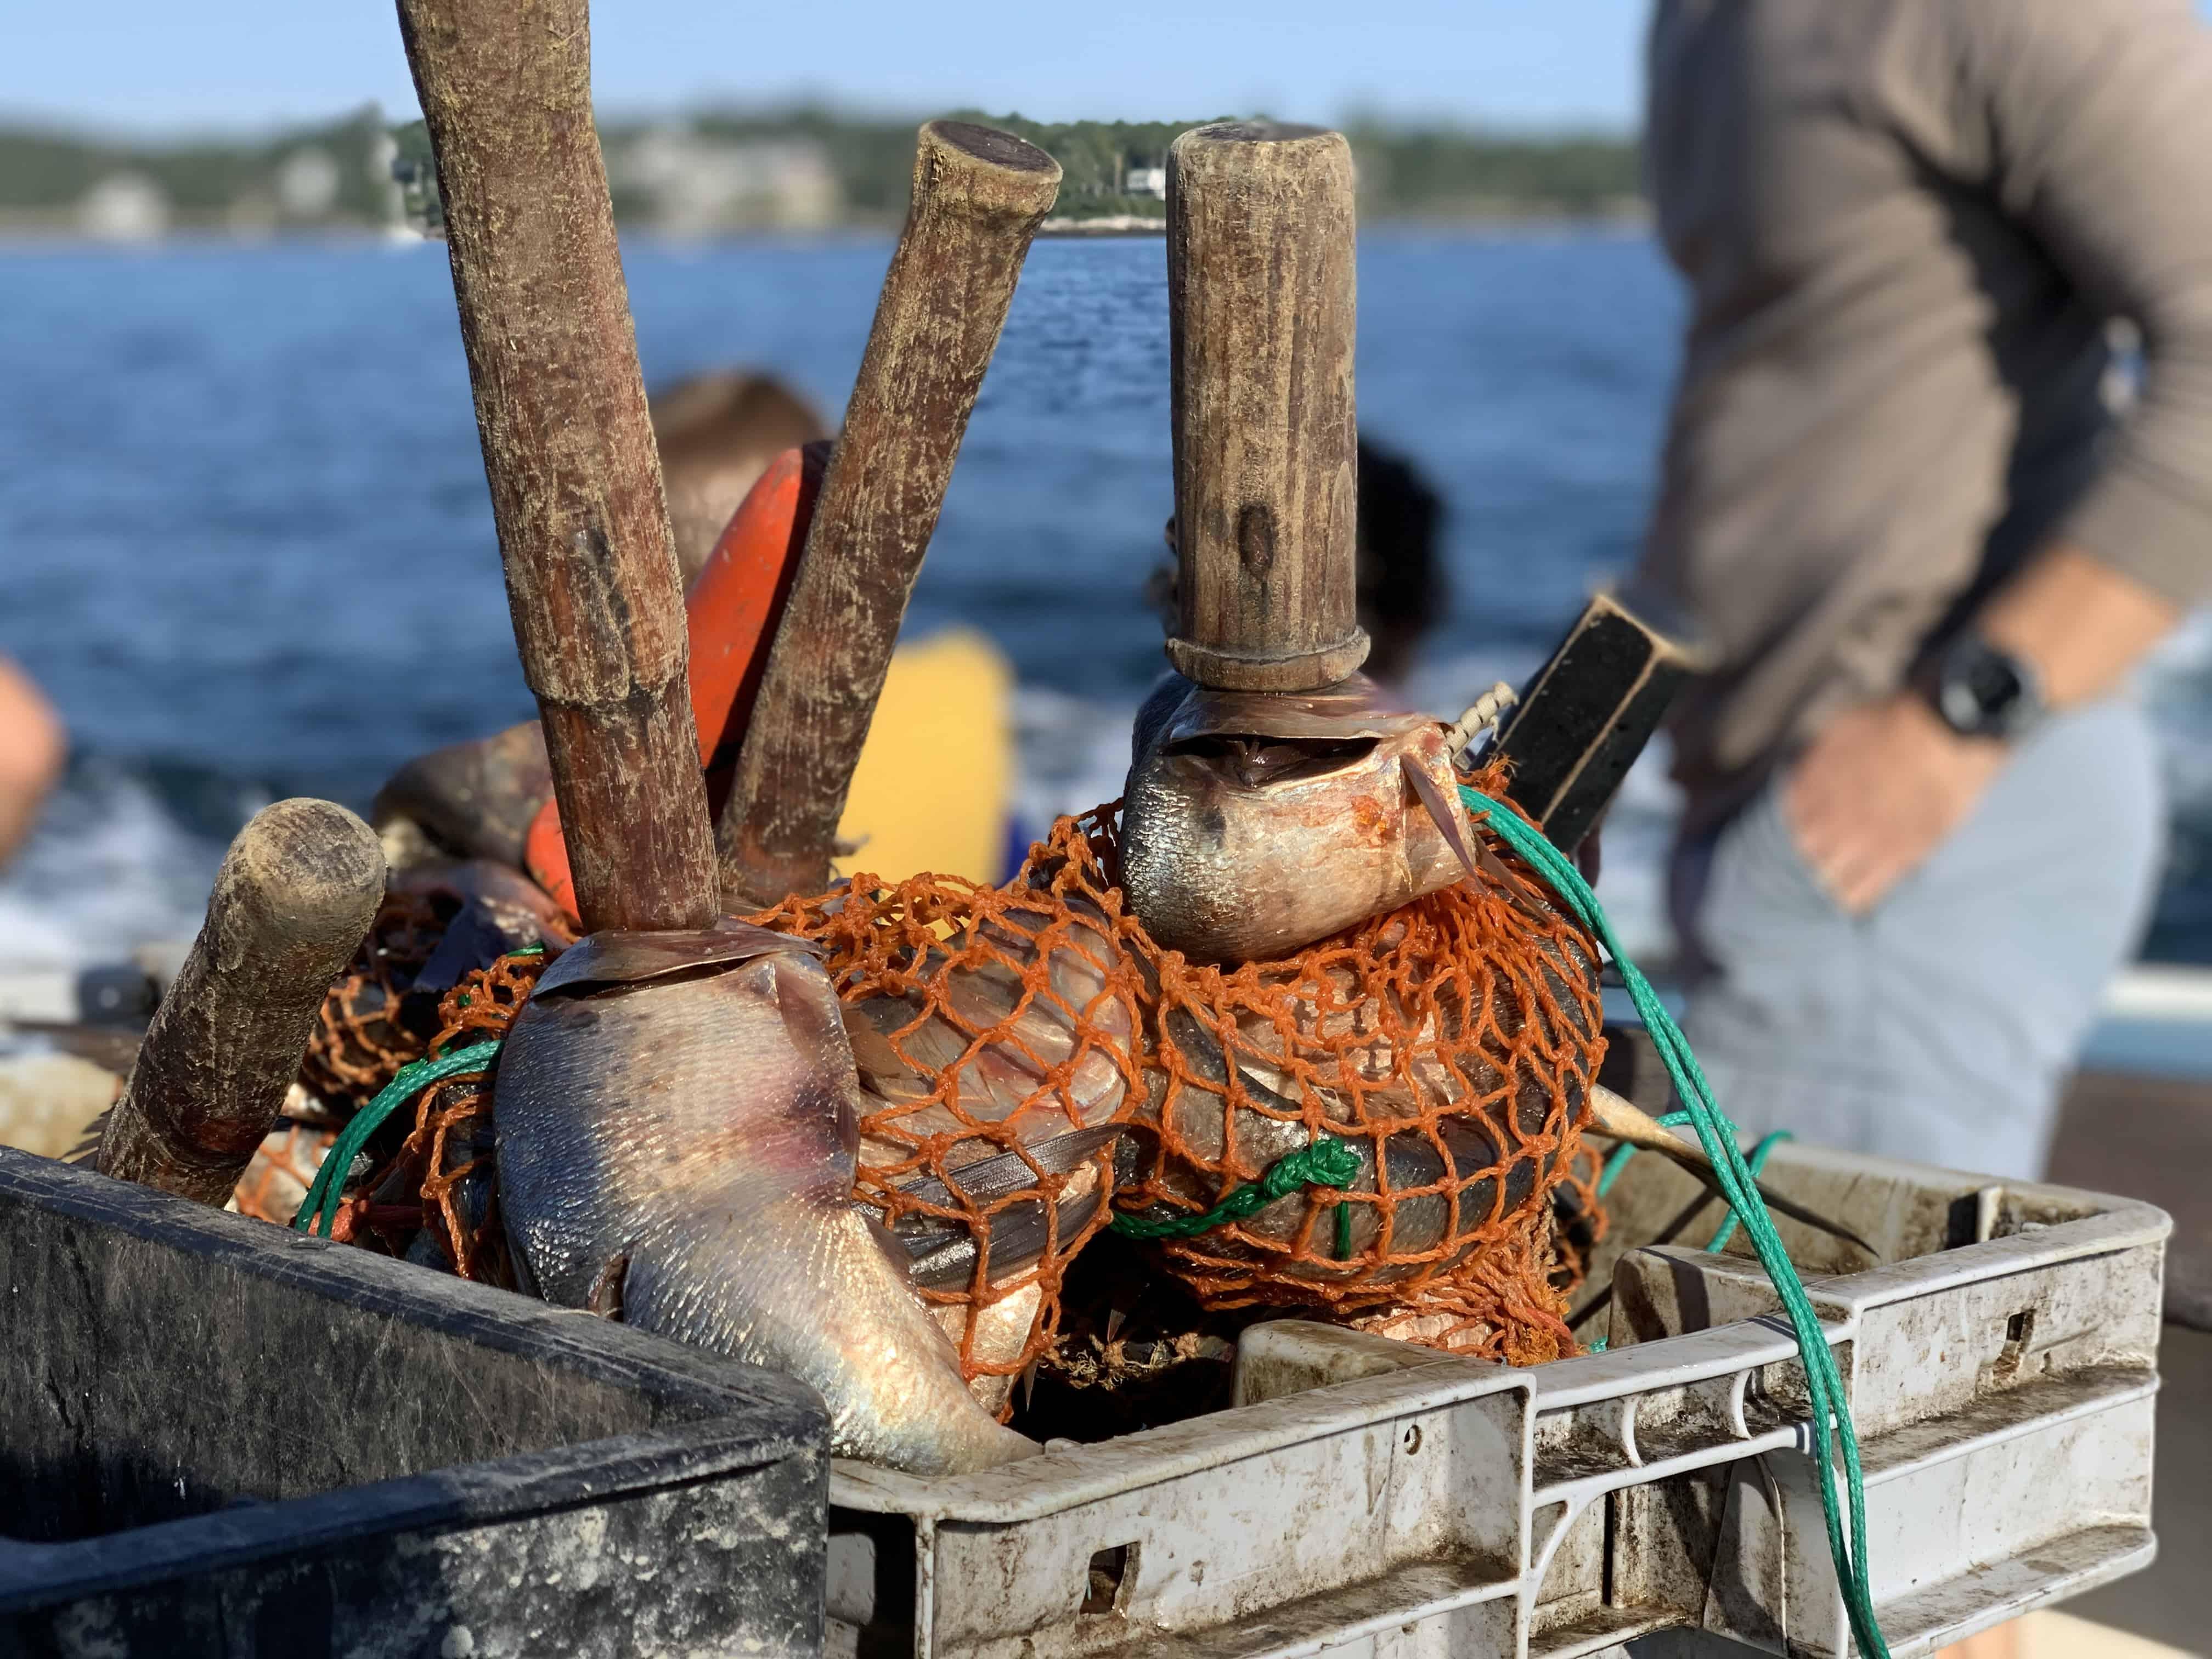 Lobstering bait